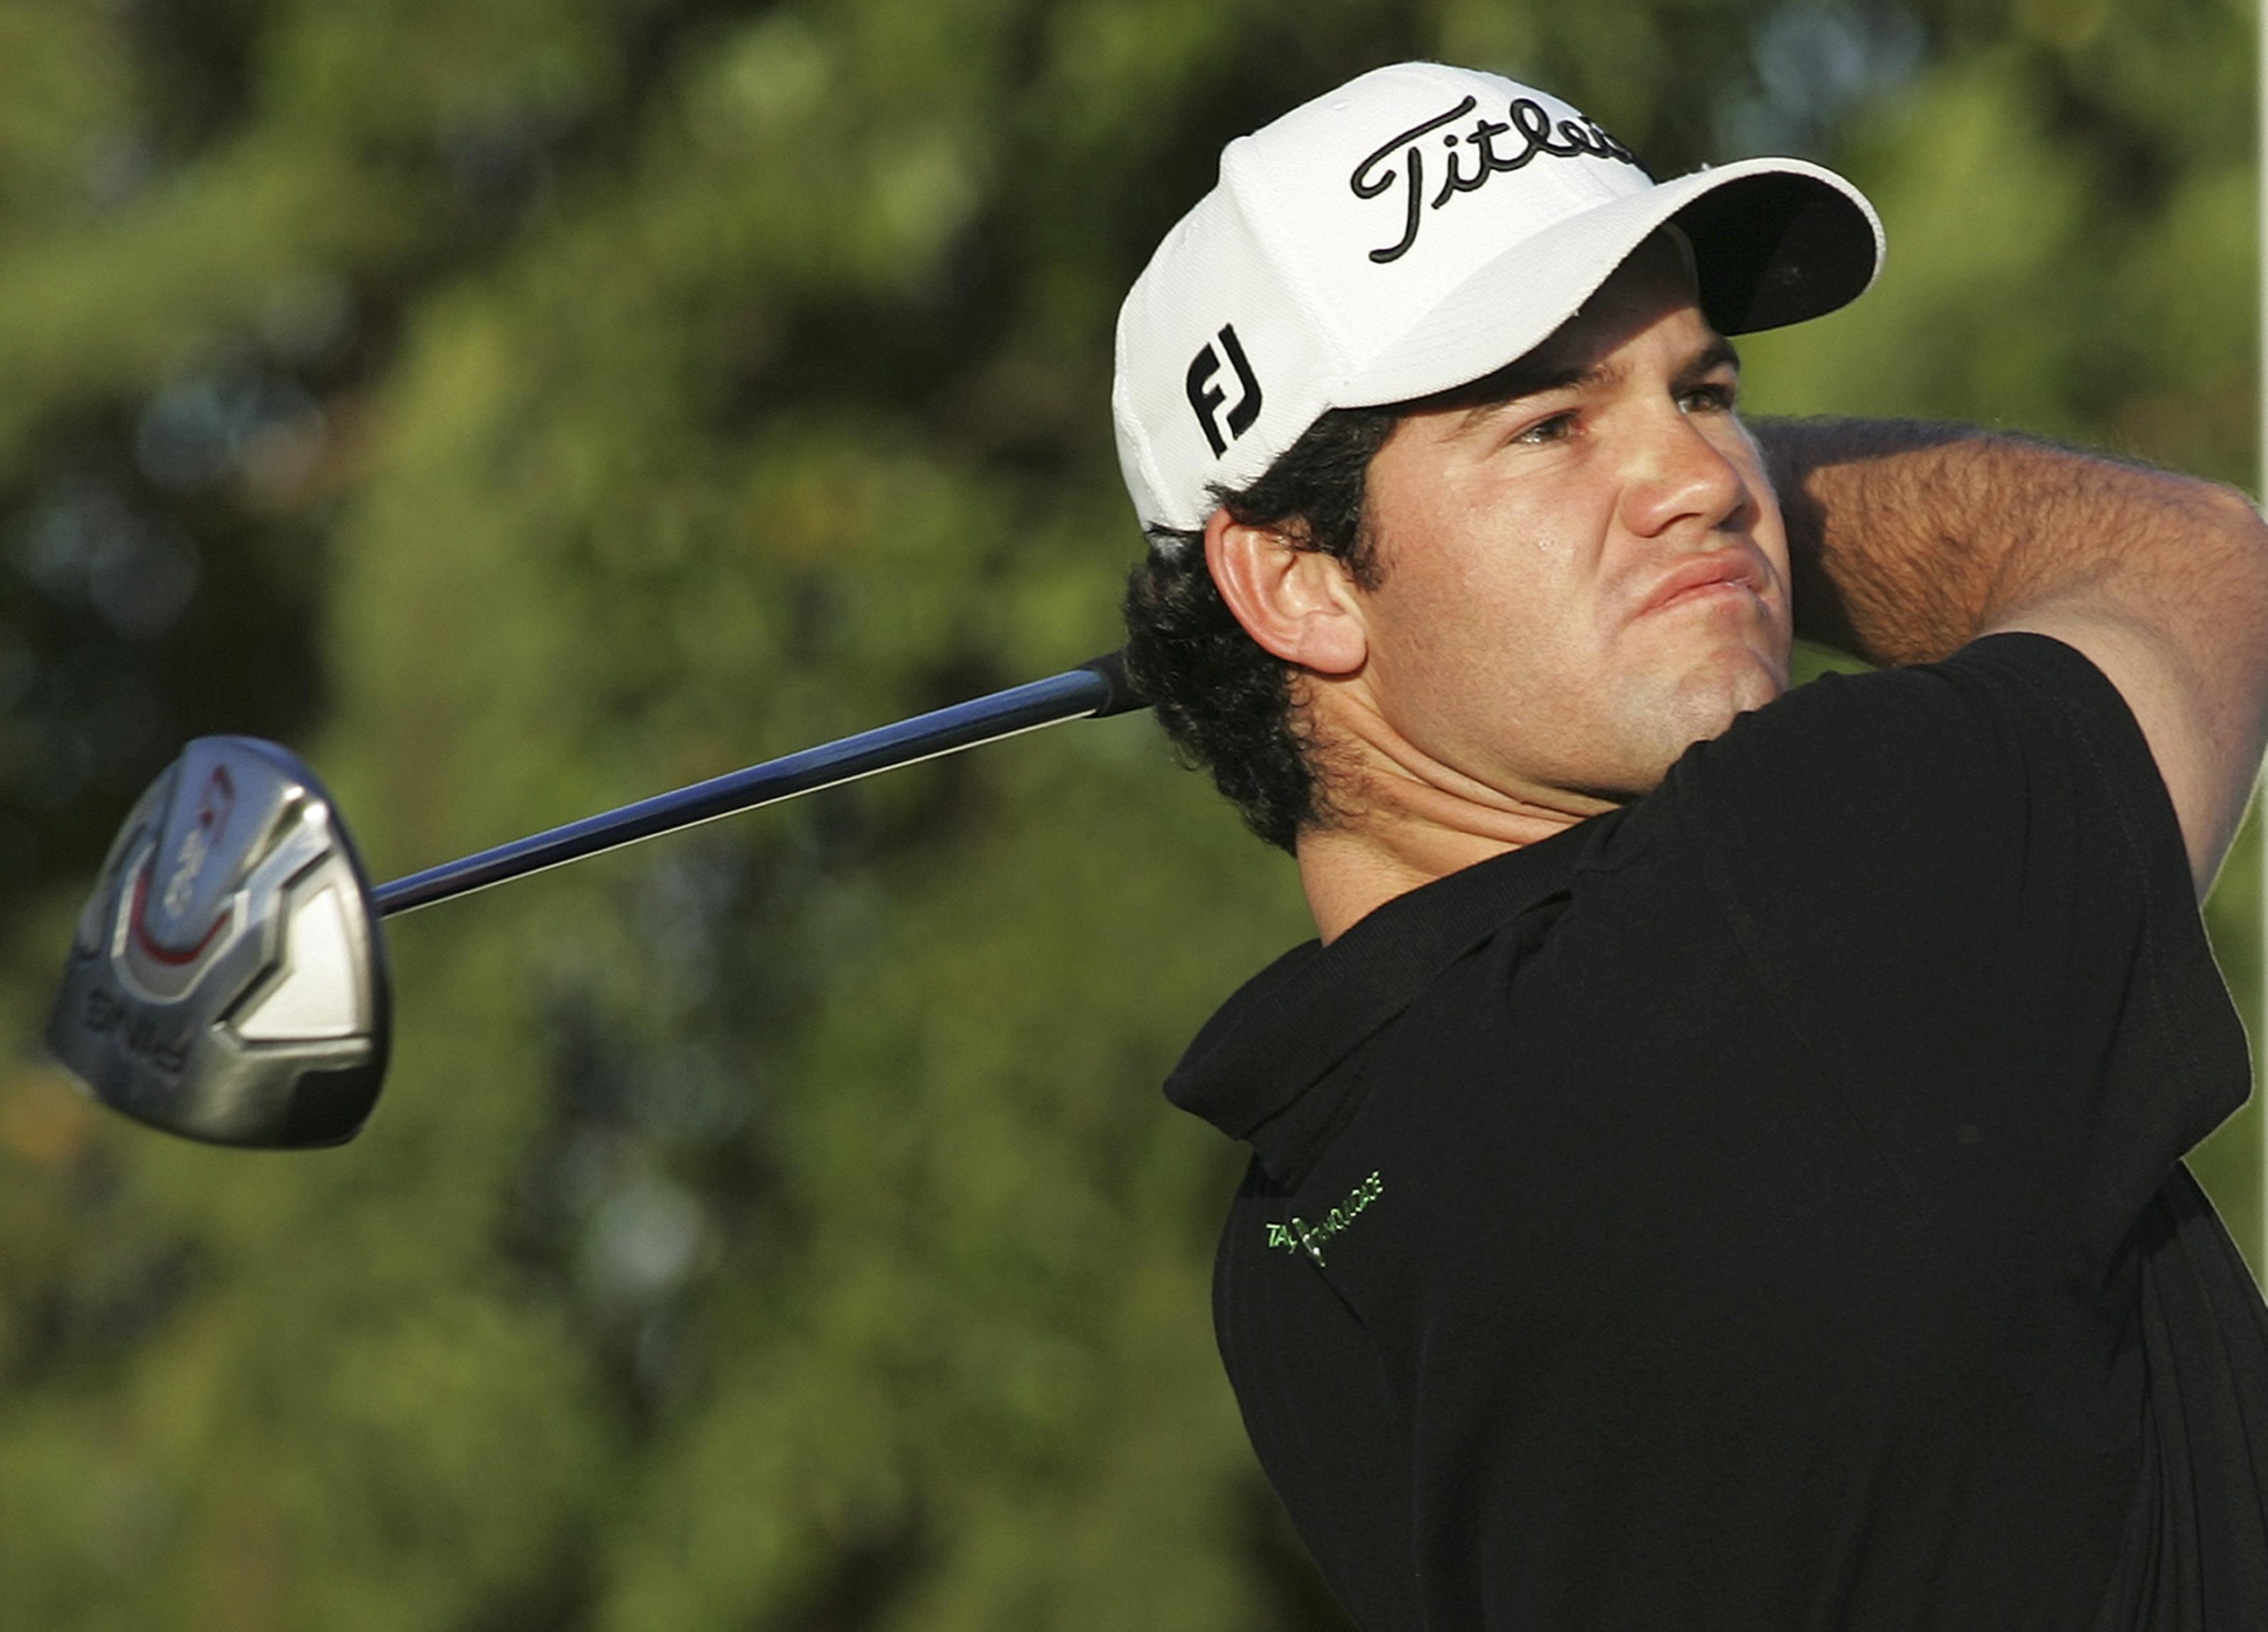 Golfe: Ricardo Melo Gouveia caiu para o 58.º lugar no Masters do Qatar